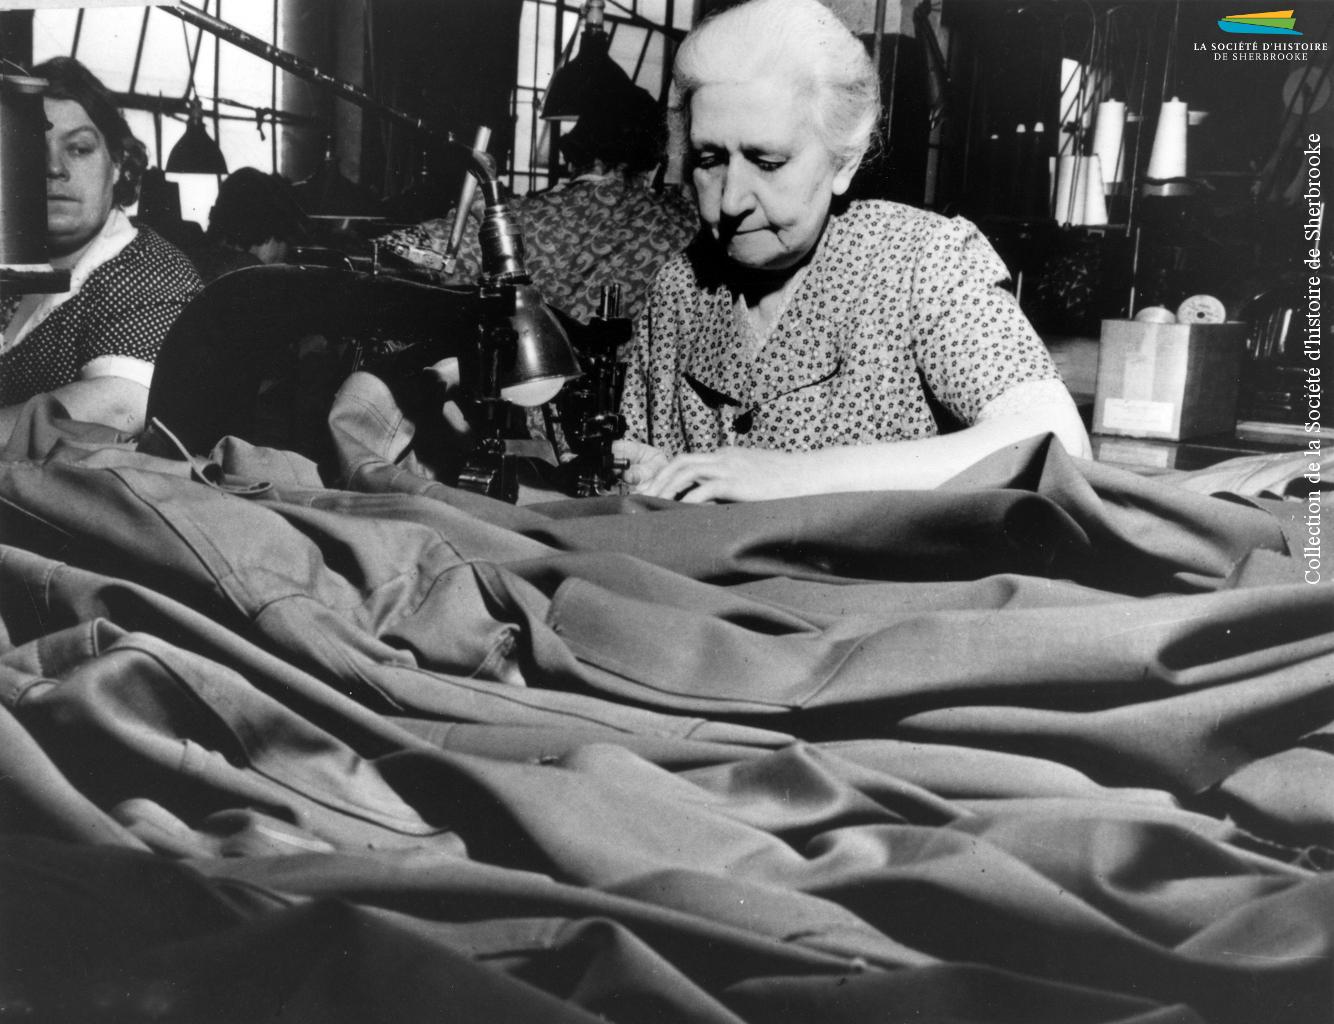 Des femmes travaillent à la confection d'uniformes, pendant la Seconde Guerre mondiale (1939-1945). À Sherbrooke, les manufactures de tissus (Paton, Dominion Textile) et de vêtements (S. Rubin Ltd) reçoivent de telles commandes du gouvernement canadien.